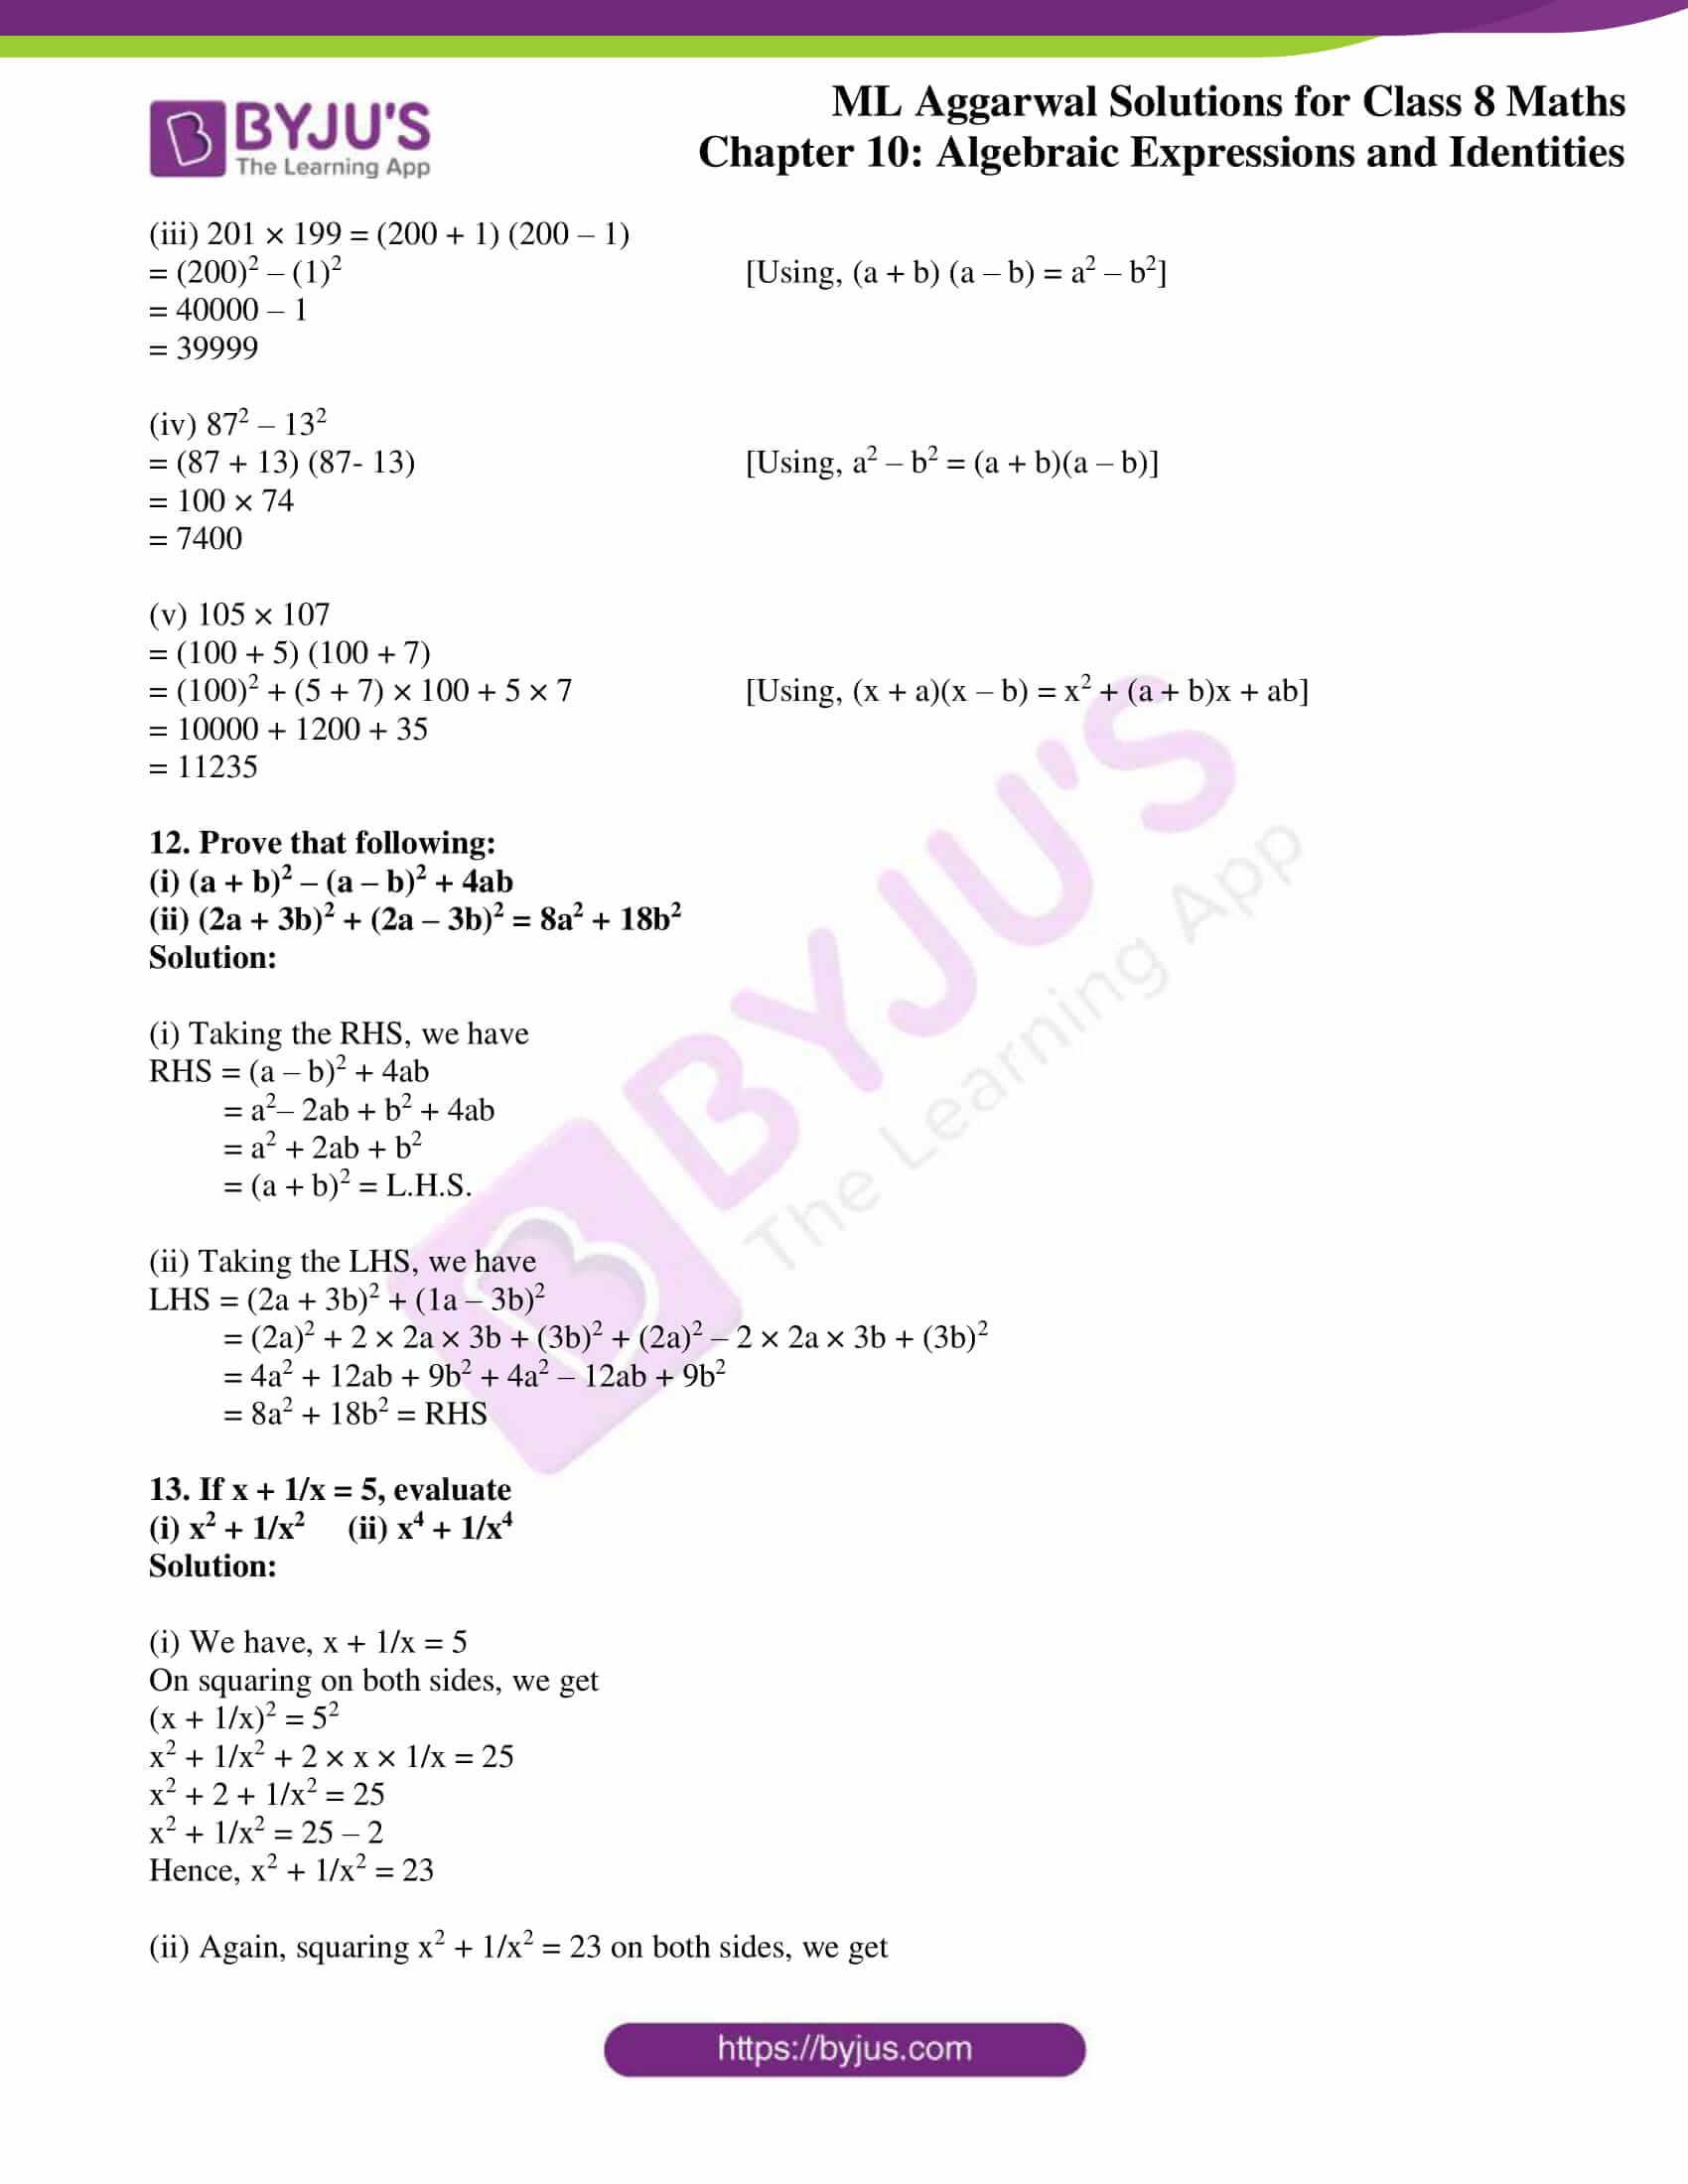 ml aggarwal sol mathematics class 8 ch 10 30